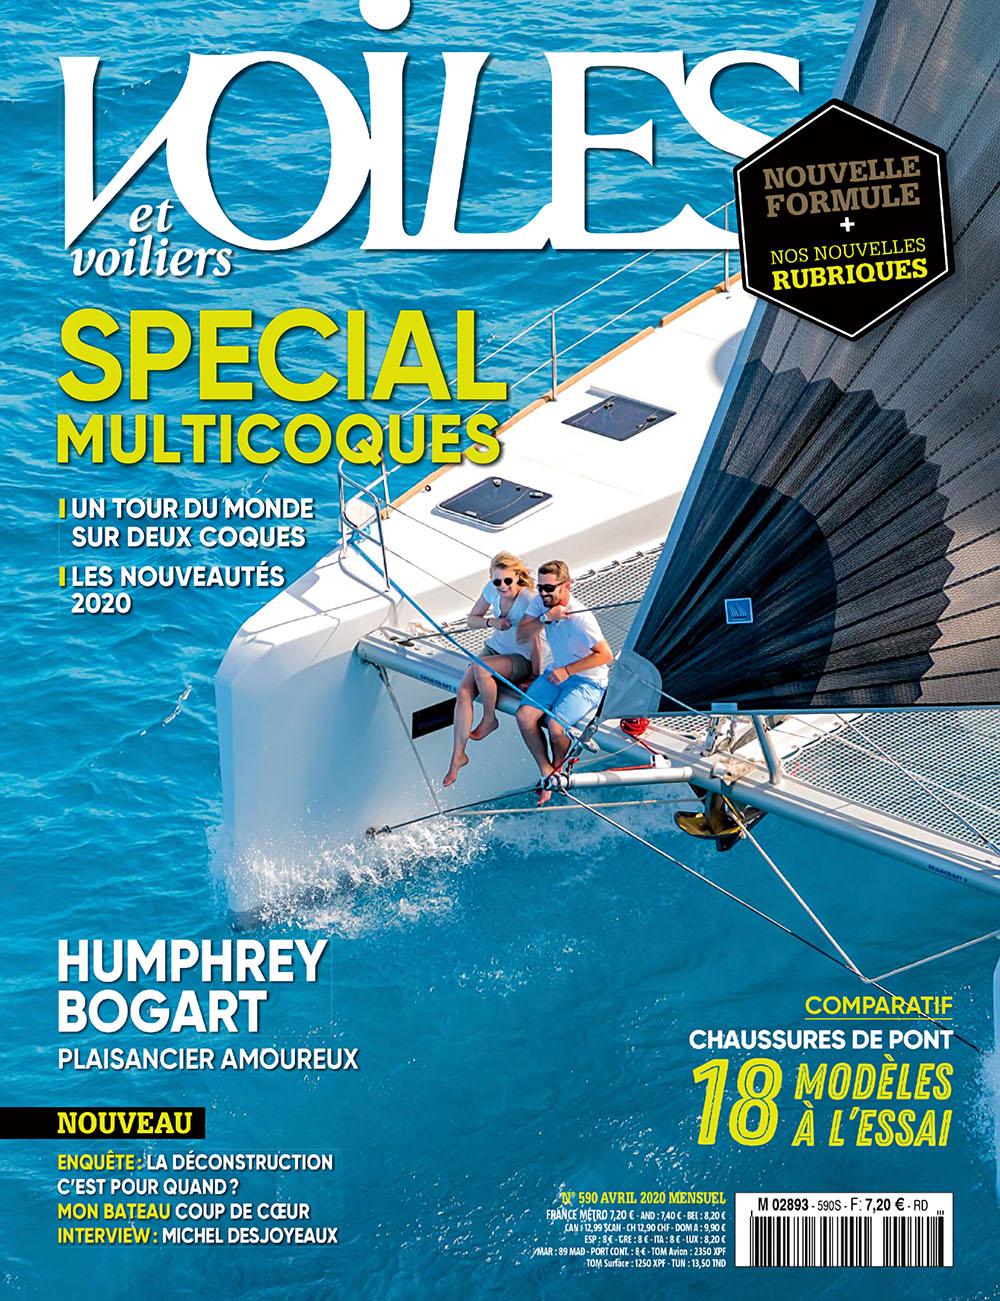 Le Lagoon 52 en couverture de Voiles et voiliers #590 - Avril 2020